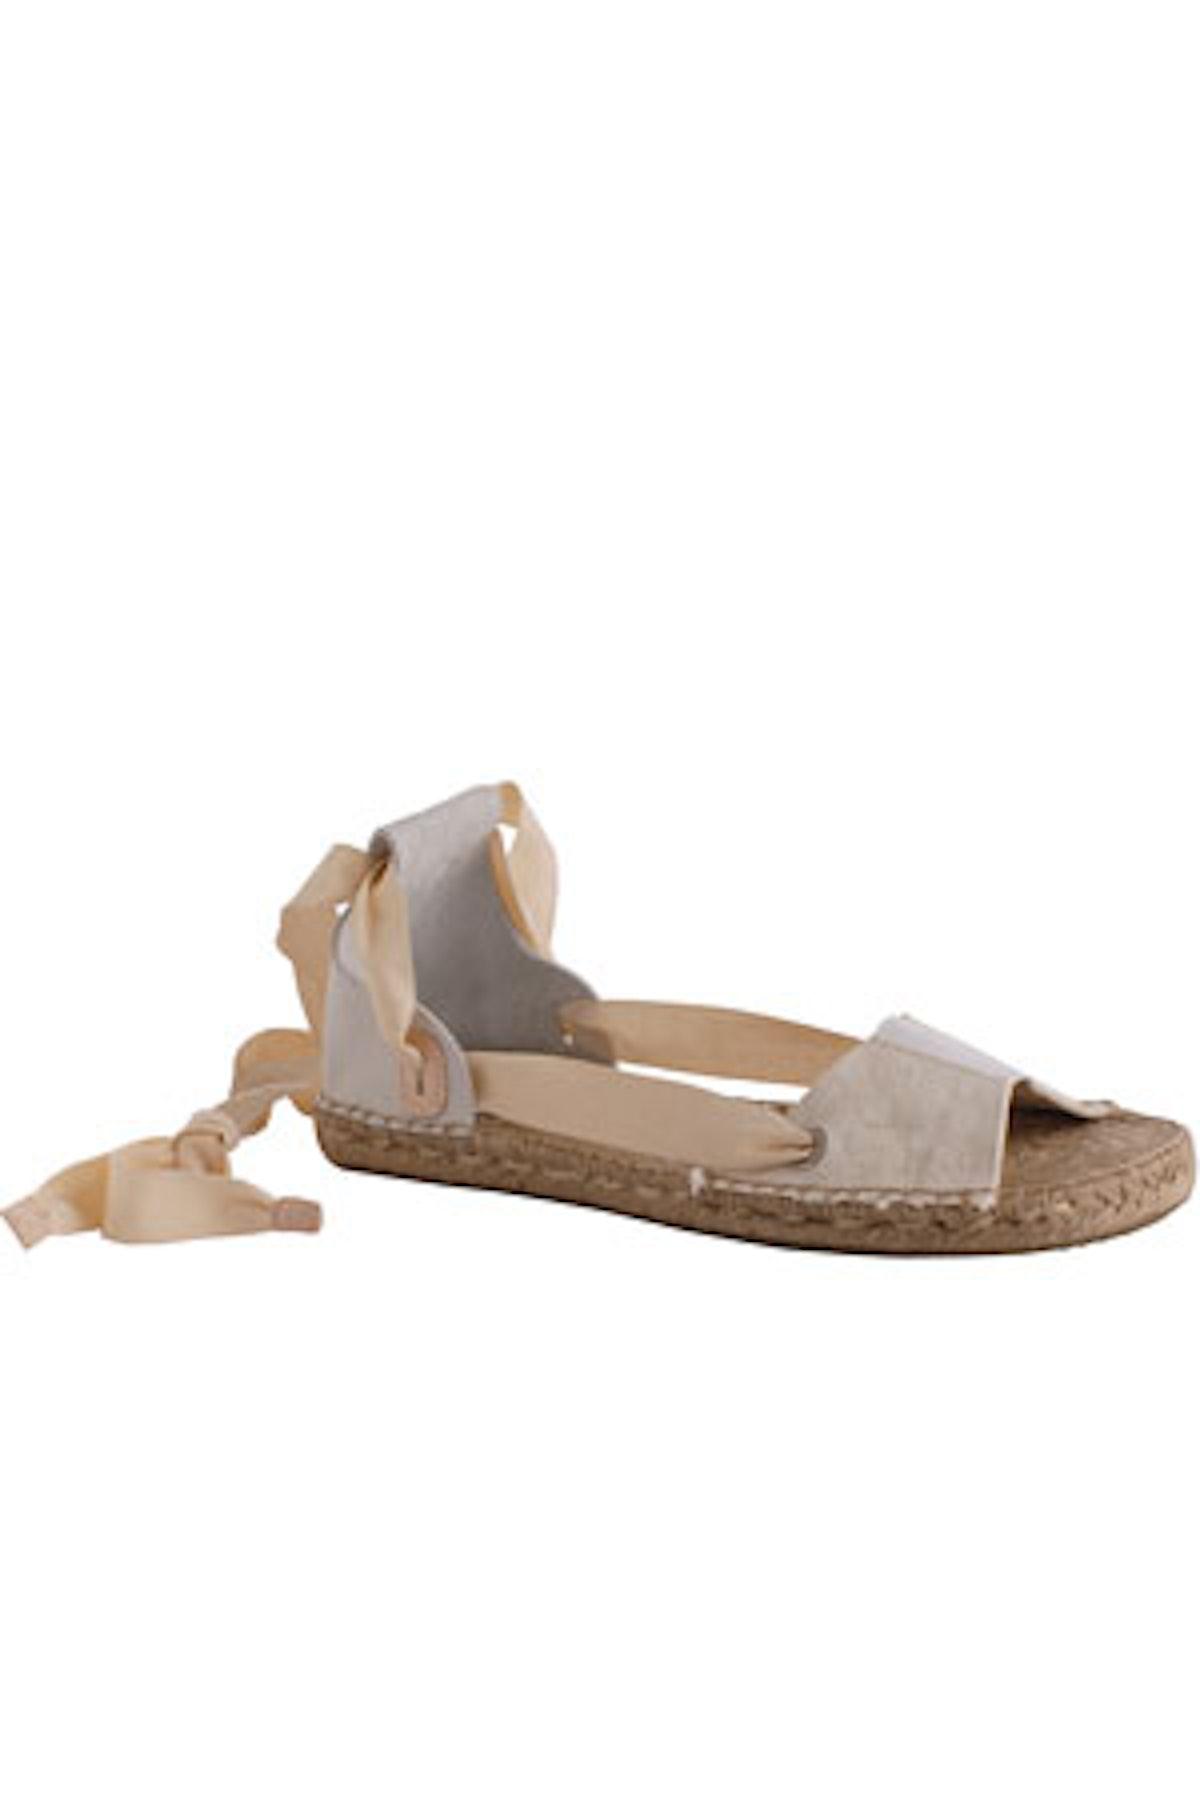 acss_sandals_07_v.jpg